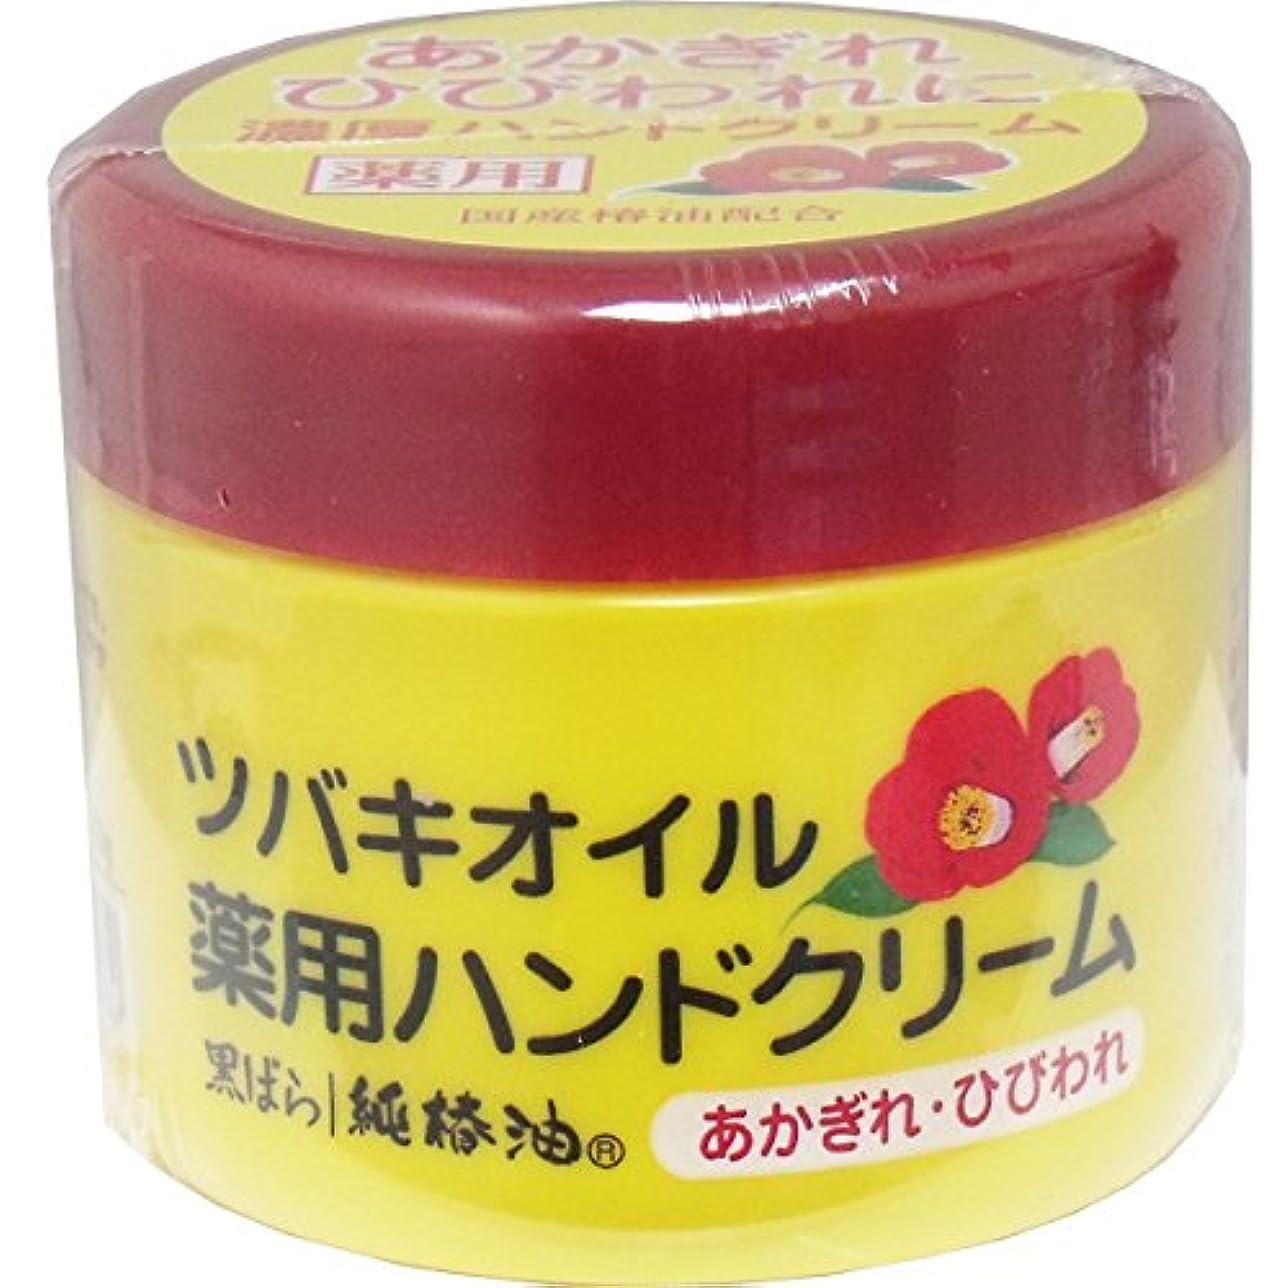 クレデンシャル不明瞭鷲【まとめ買い】ツバキオイル 薬用ハンドクリーム ×2セット